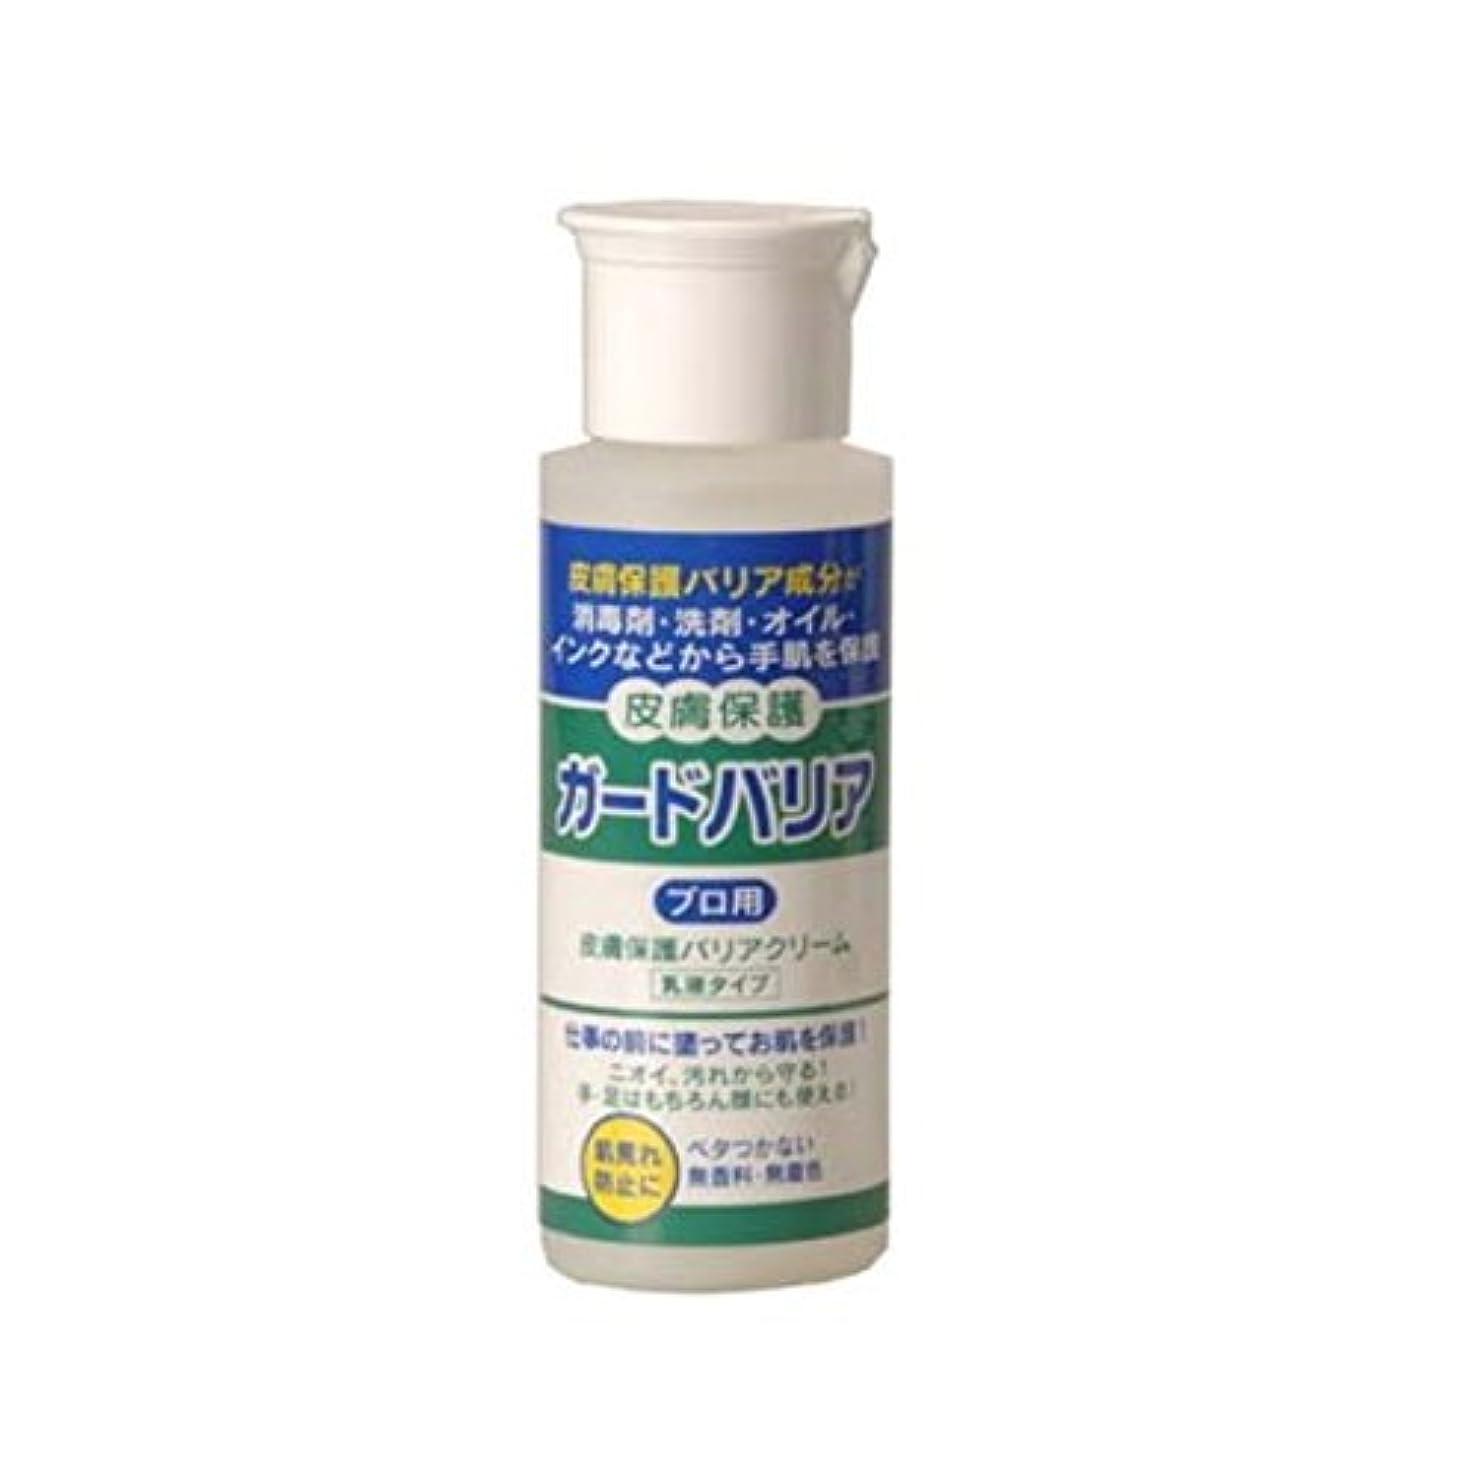 首尾一貫したクスコ縞模様のガードバリア【皮膚保護バリアクリーム】プロ用?お試し用小瓶50ml